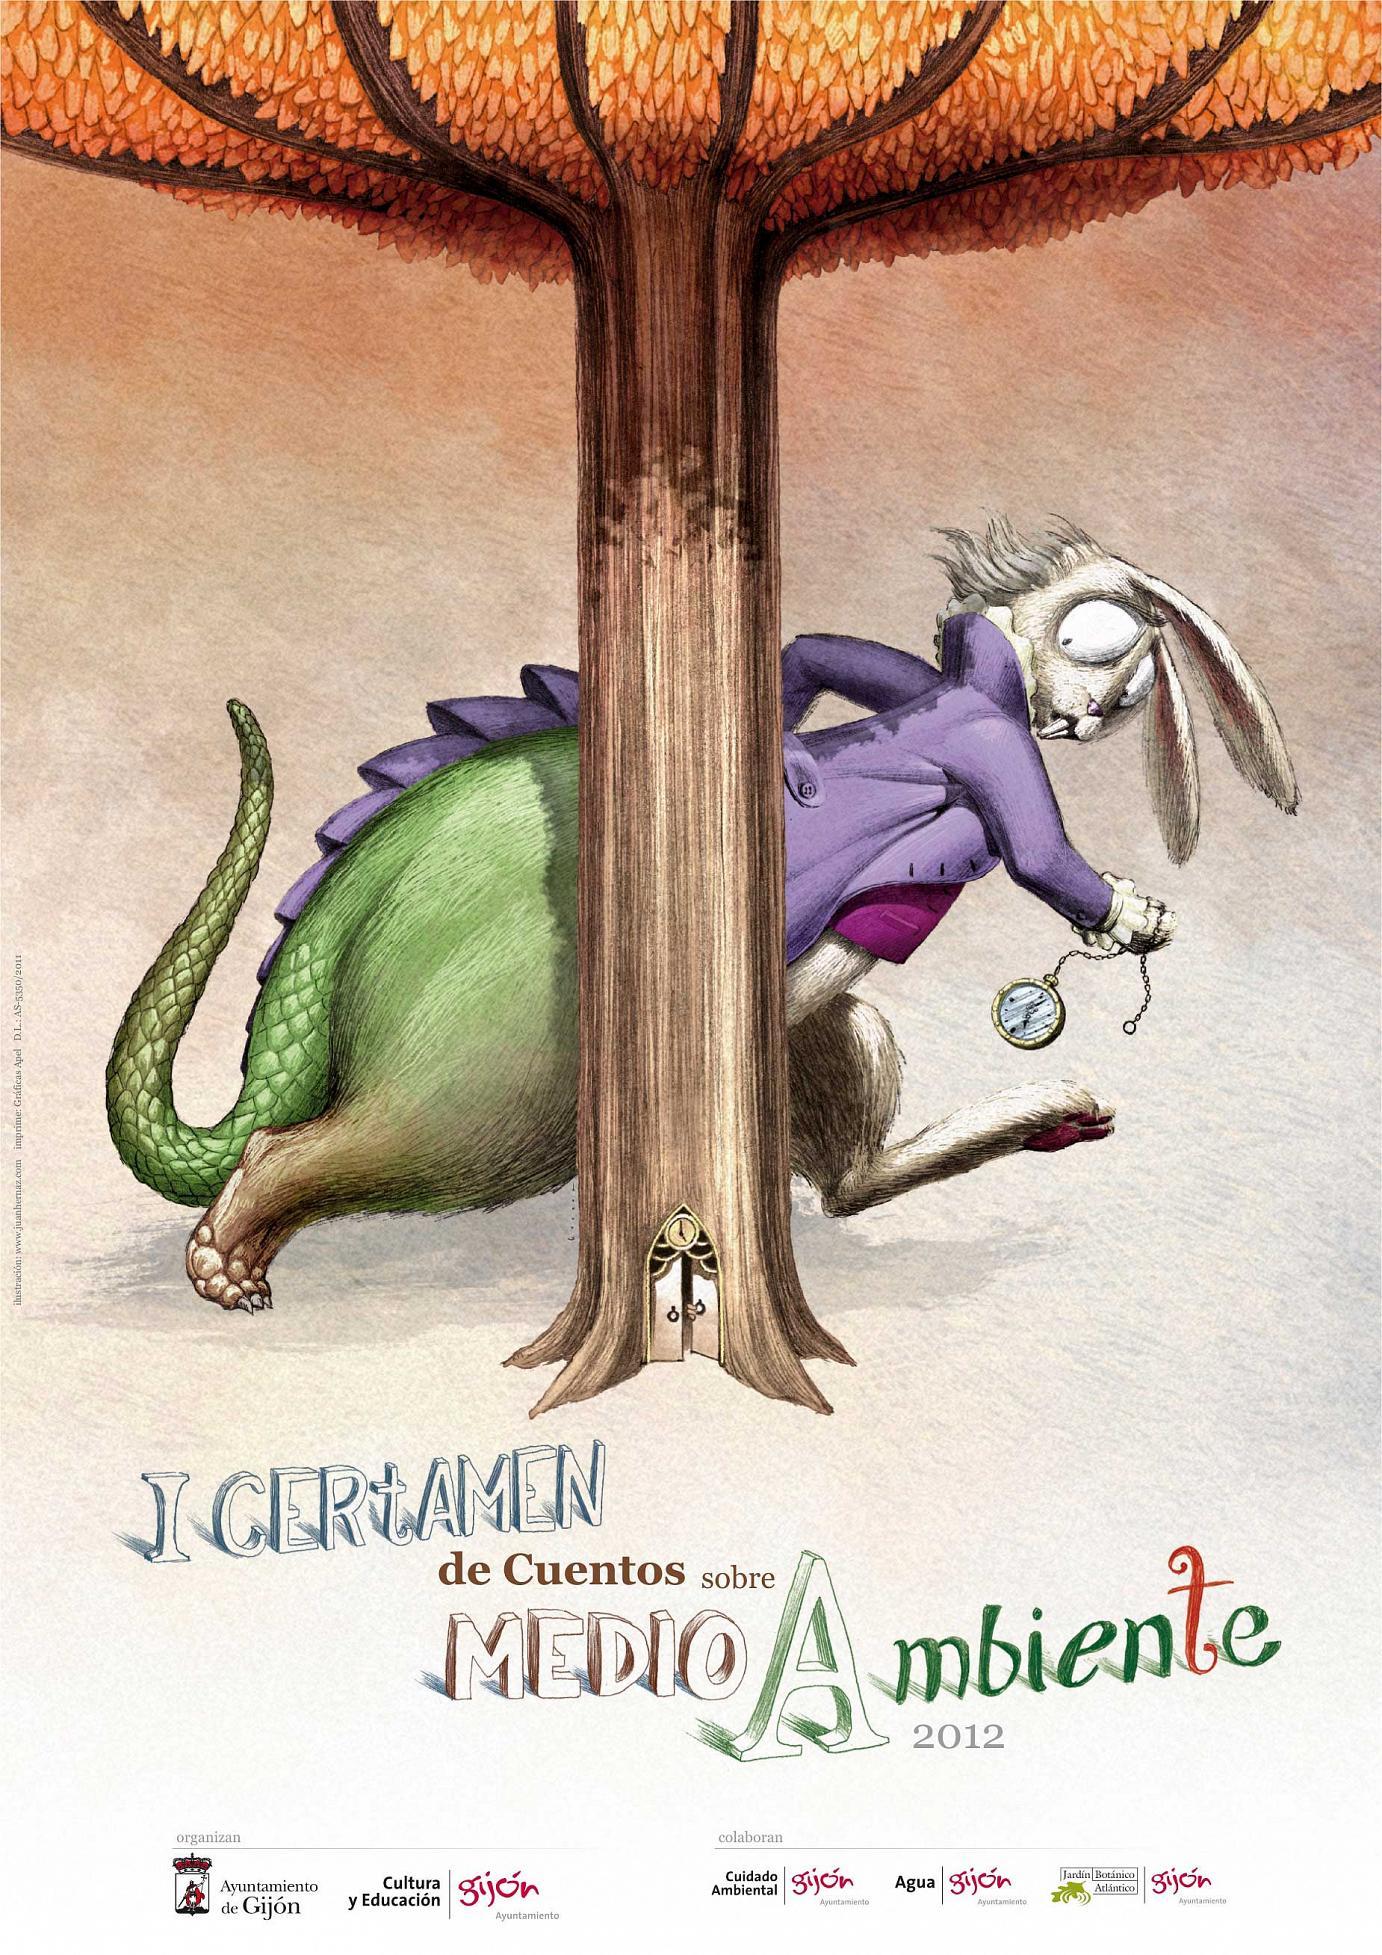 Illustration anlässlich des ersten Geschichtenwettbewerbs zum Thema »Umwelt«, eine Veranstaltung der Stadtverwaltung von Gijón. November 2011 - Mai 2012.